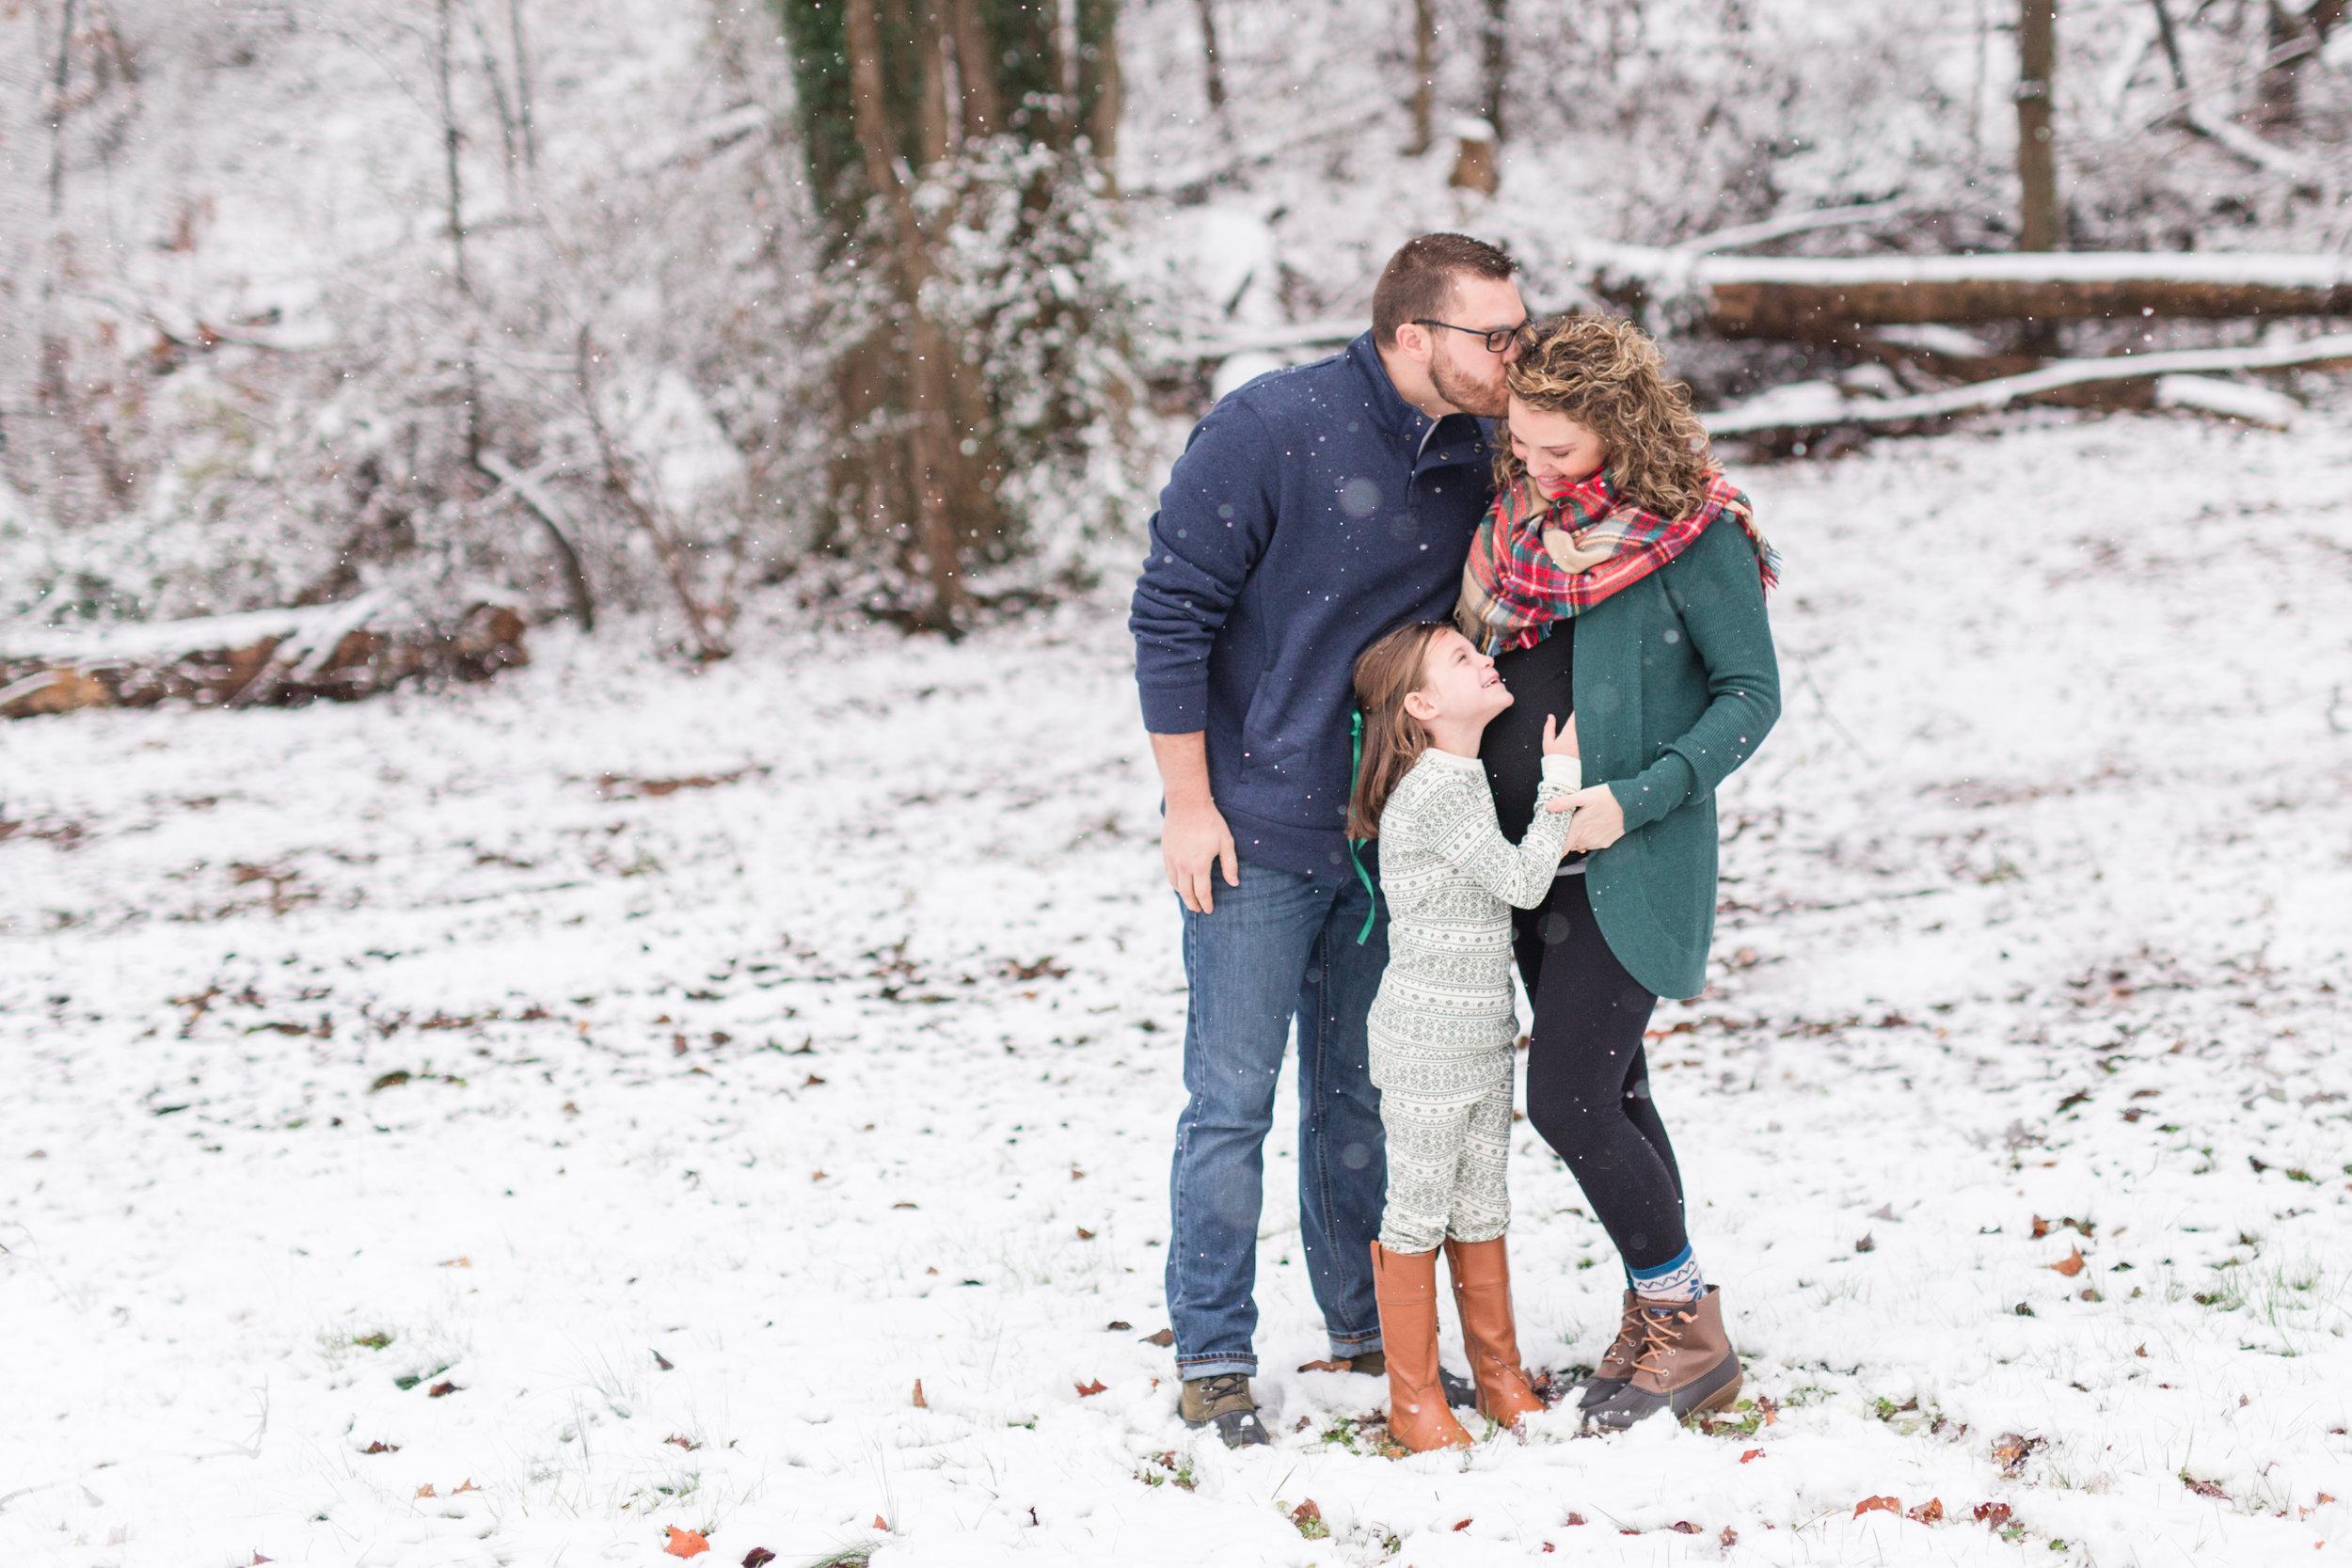 Lynchburg, Virginia Wedding and Portrait Photographer || www.ashleyeiban.com